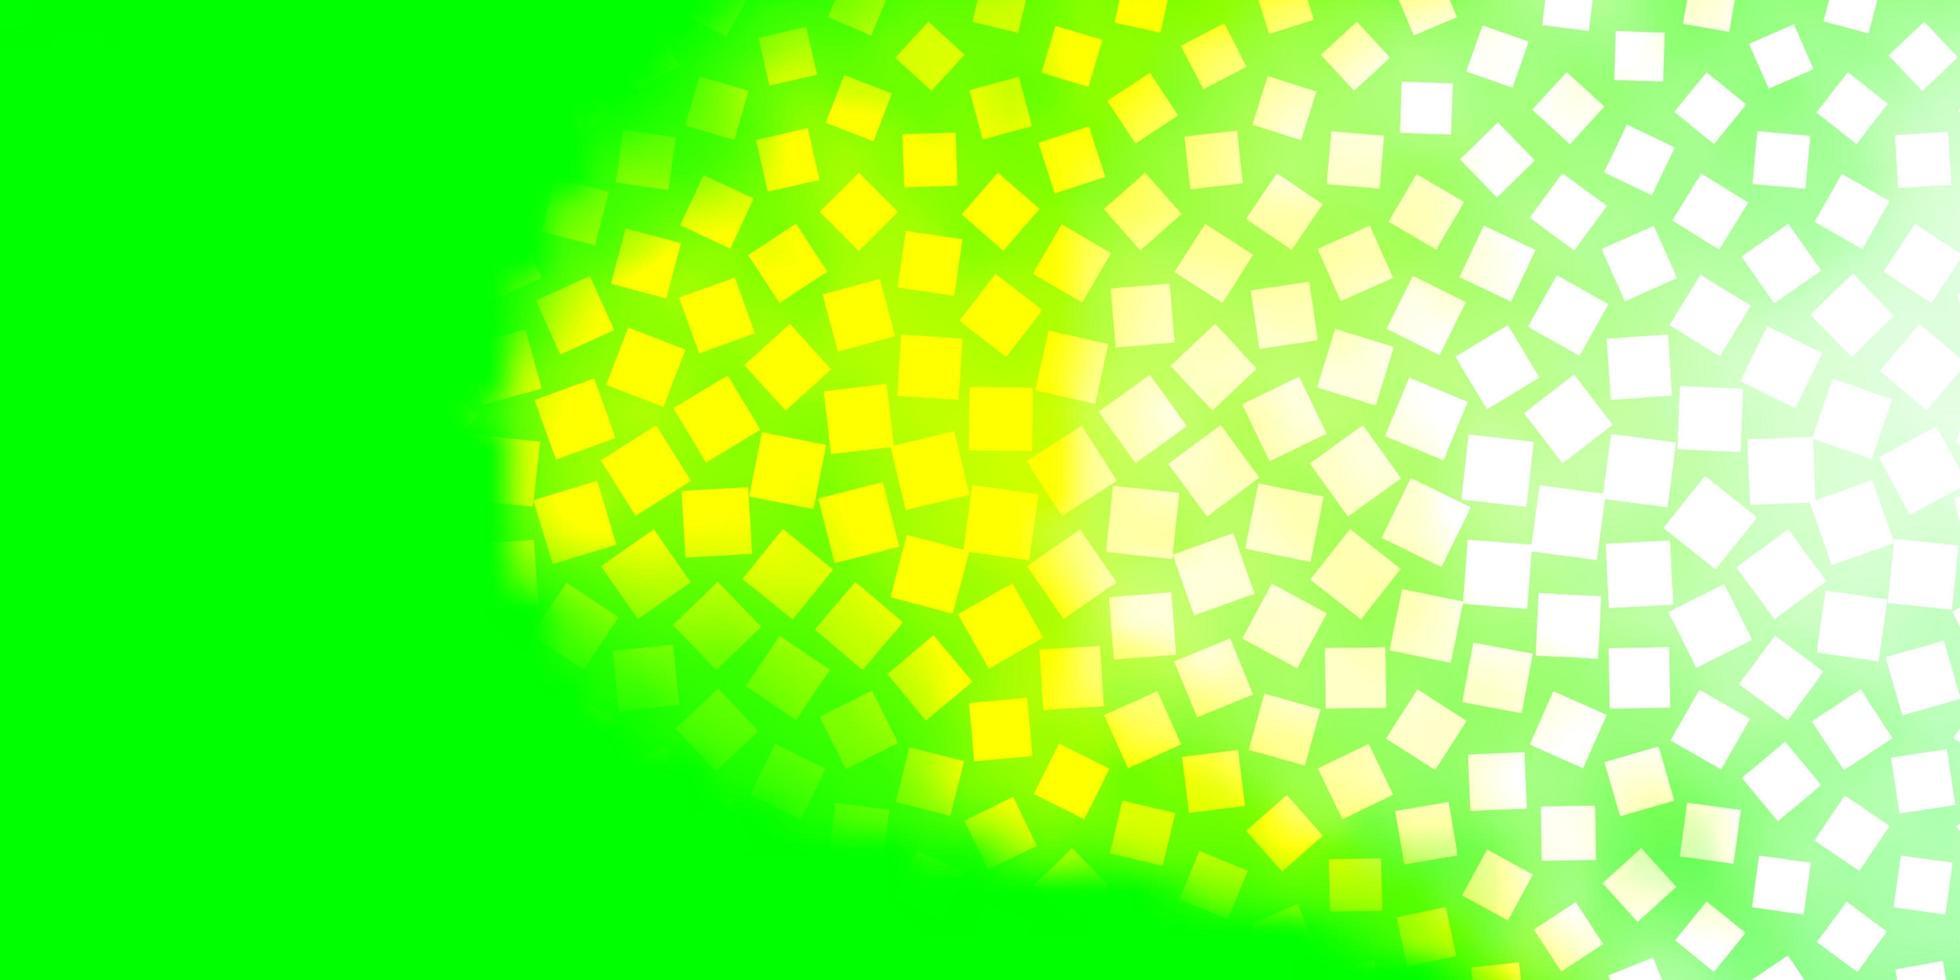 layout de vetor verde claro com linhas, retângulos.